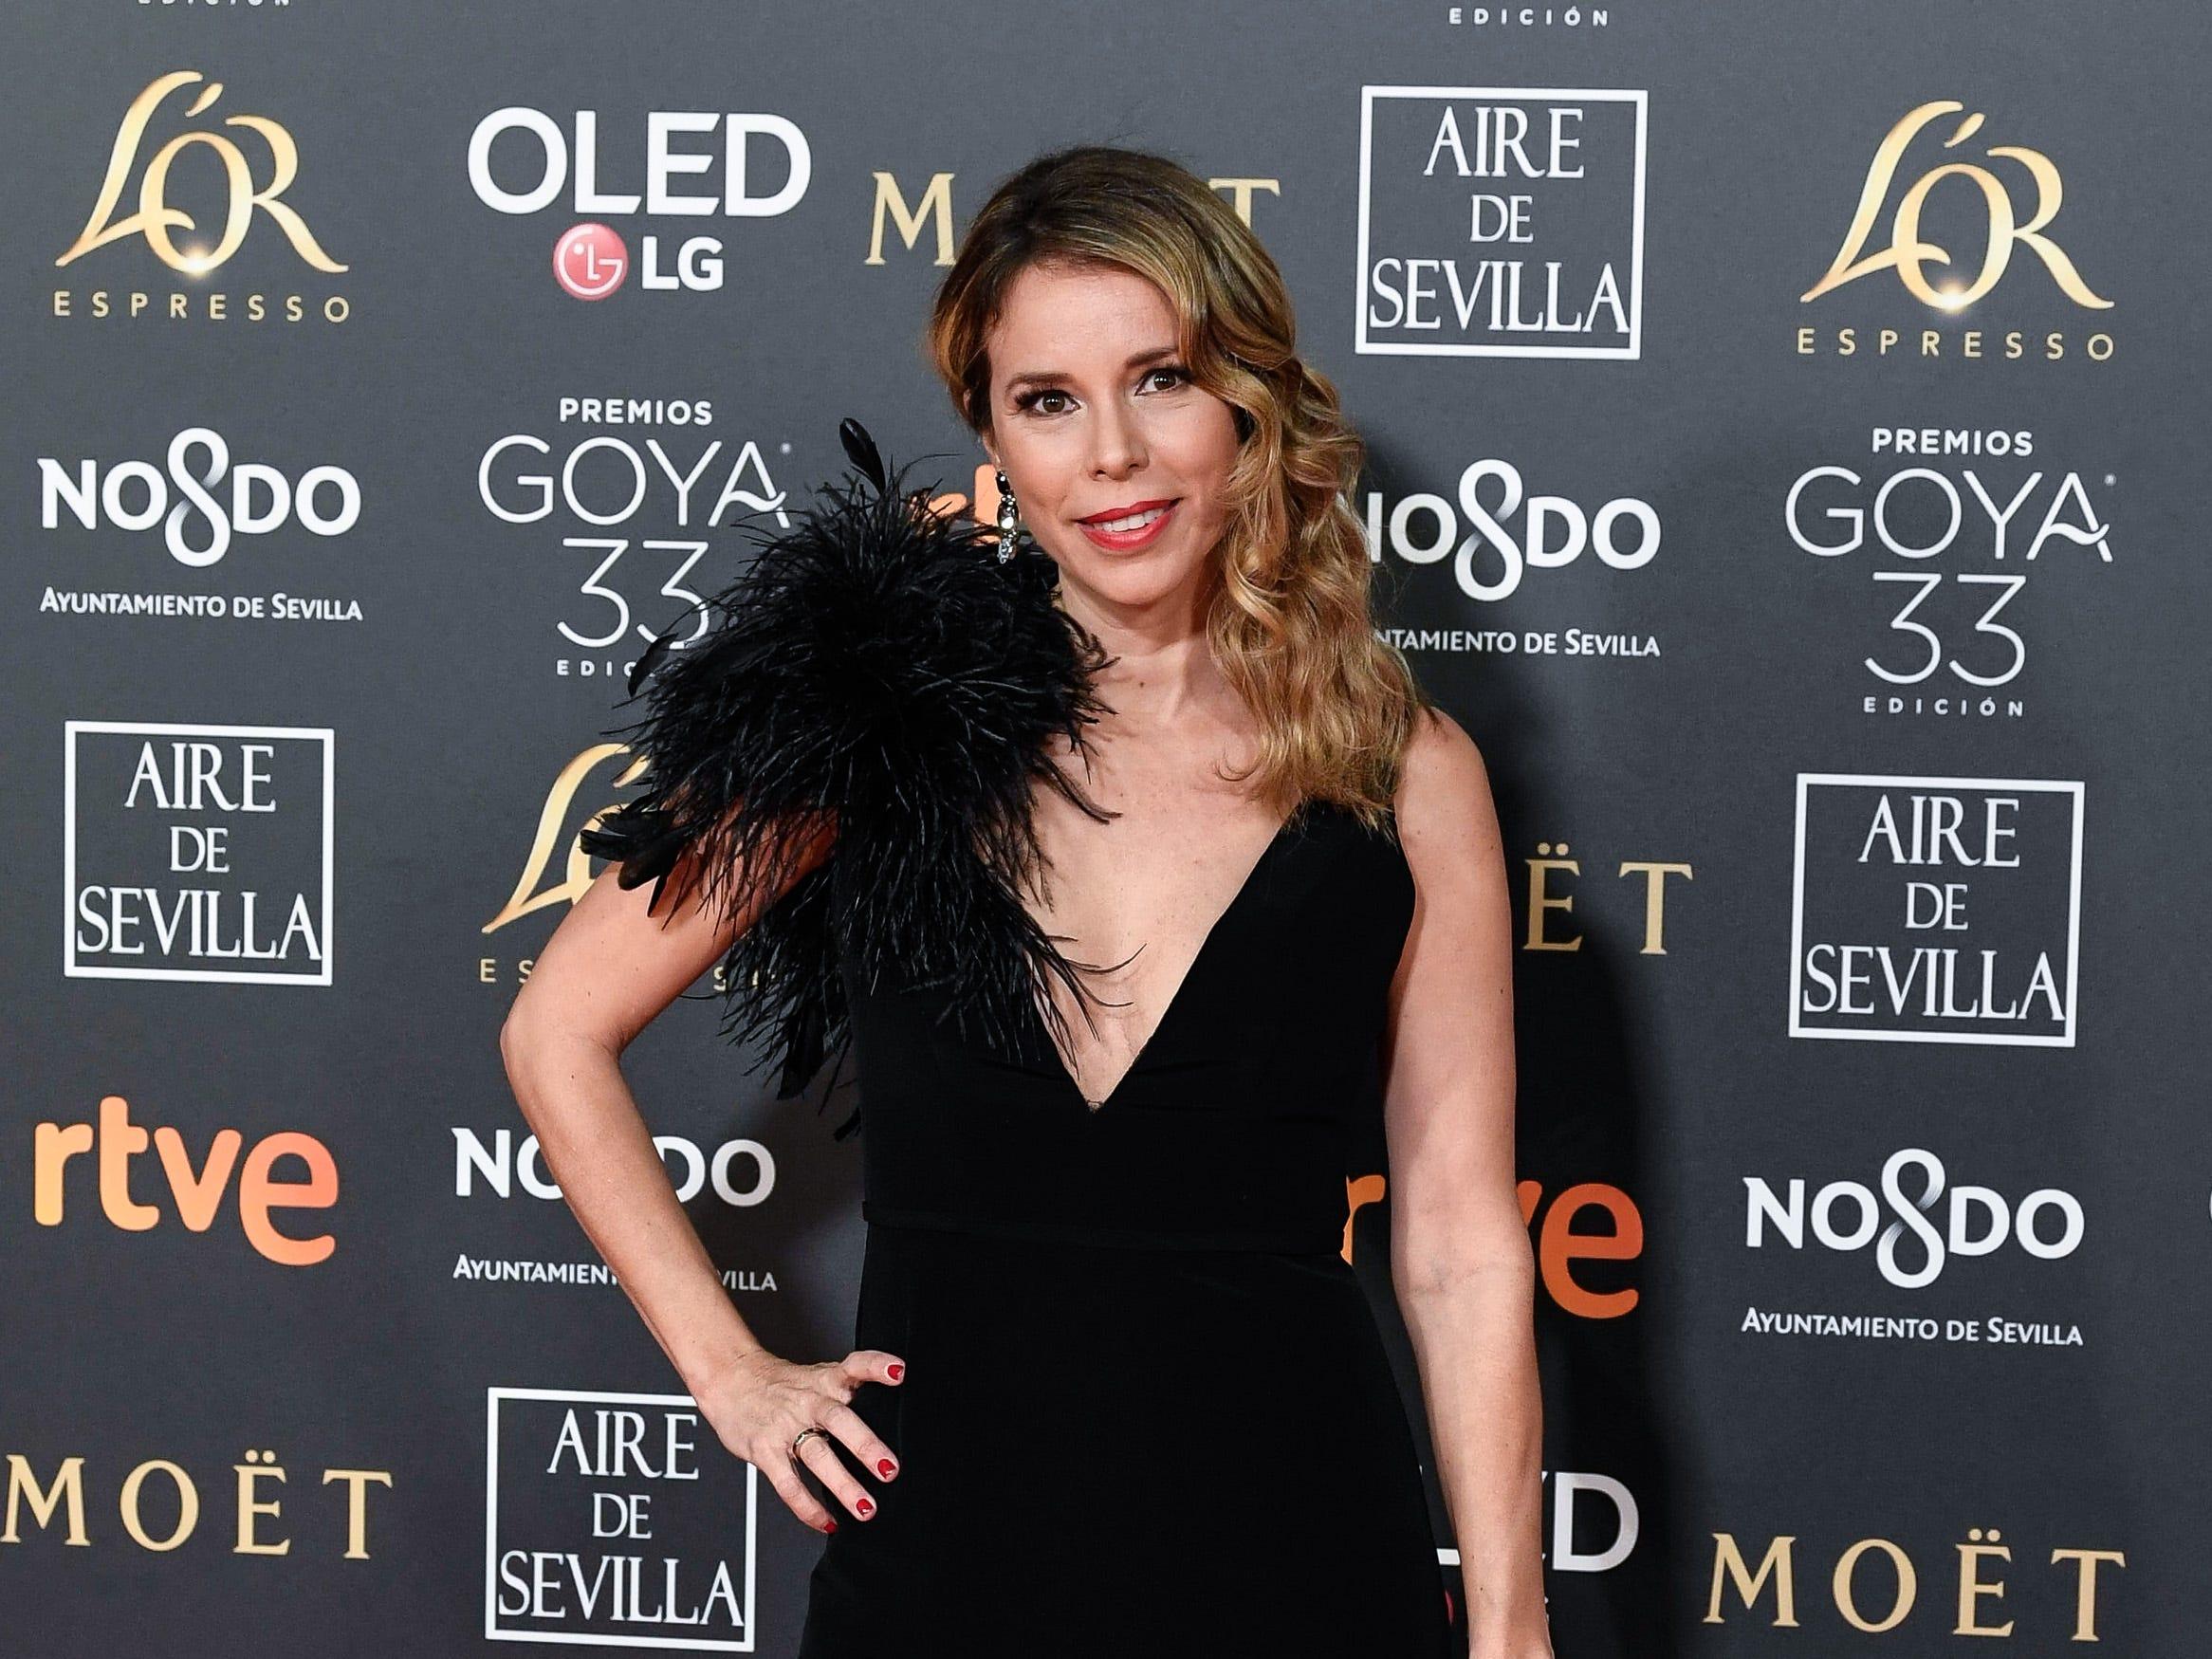 Athenea Mata asiste a la 33ª edición de los Premios de Cine Goya en el Palacio de Congresos y Exposiciones FIBES el 2 de febrero de 2019 en Sevilla, España.